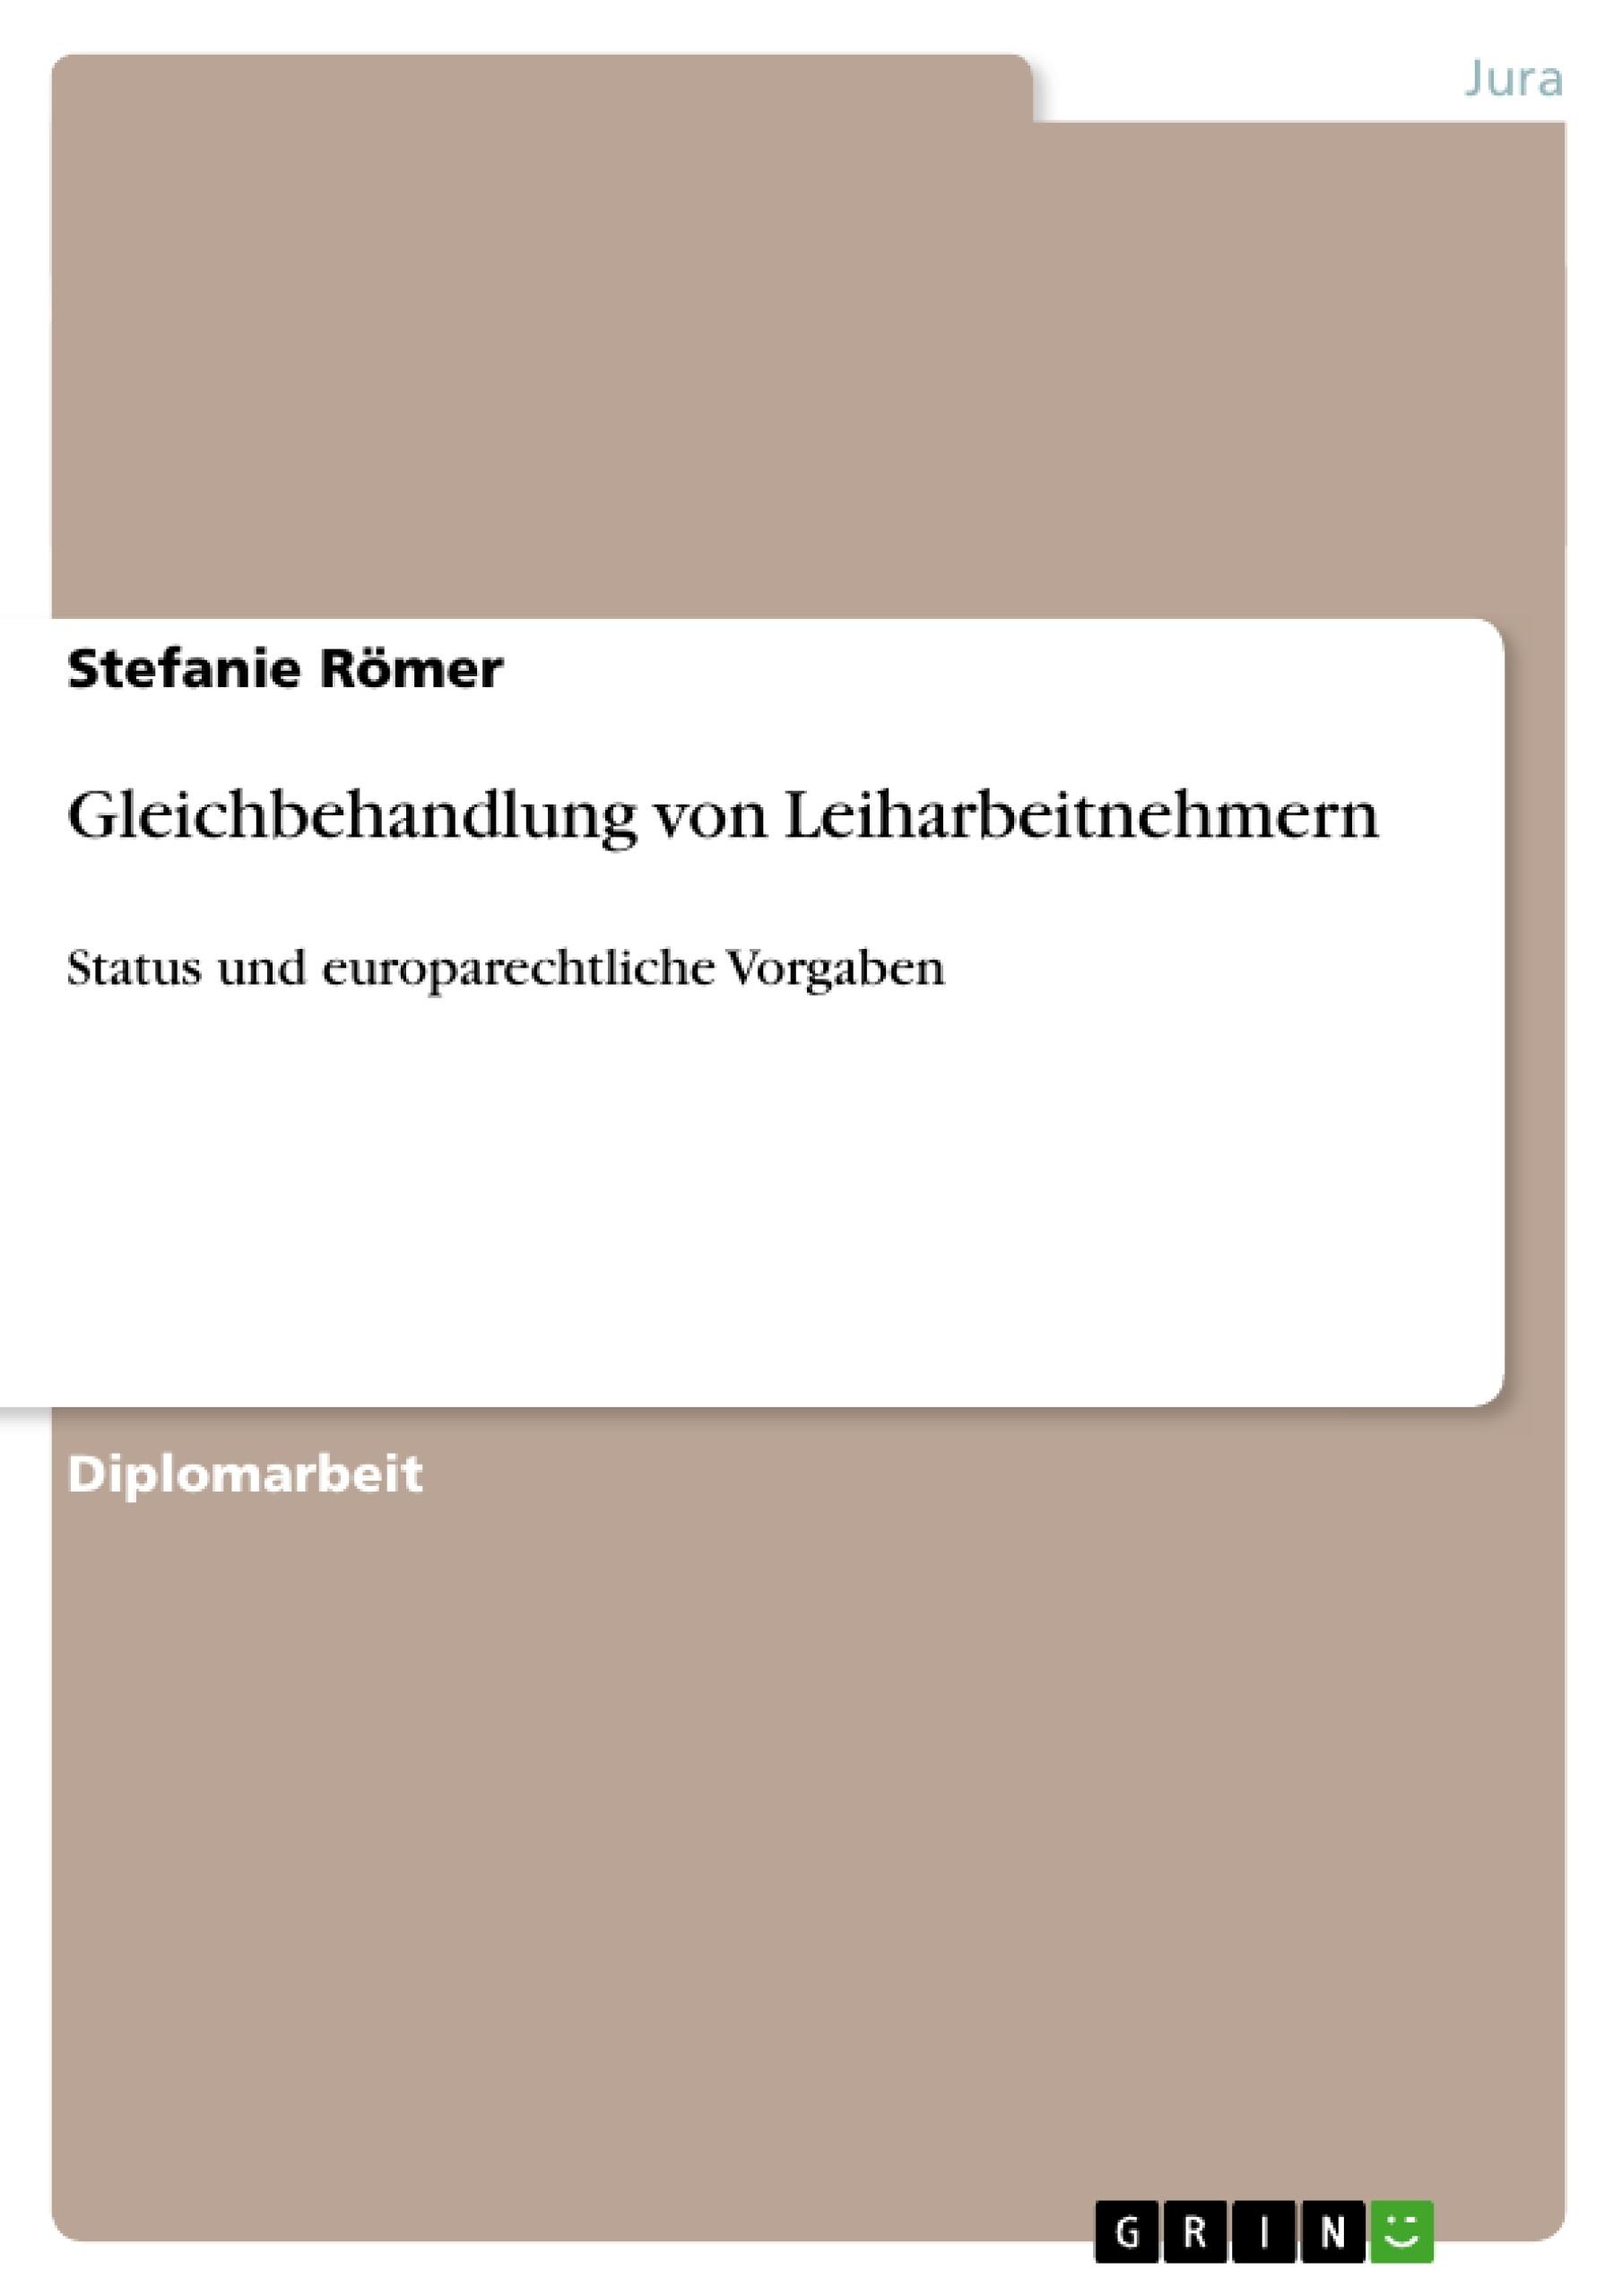 Titel: Gleichbehandlung von Leiharbeitnehmern